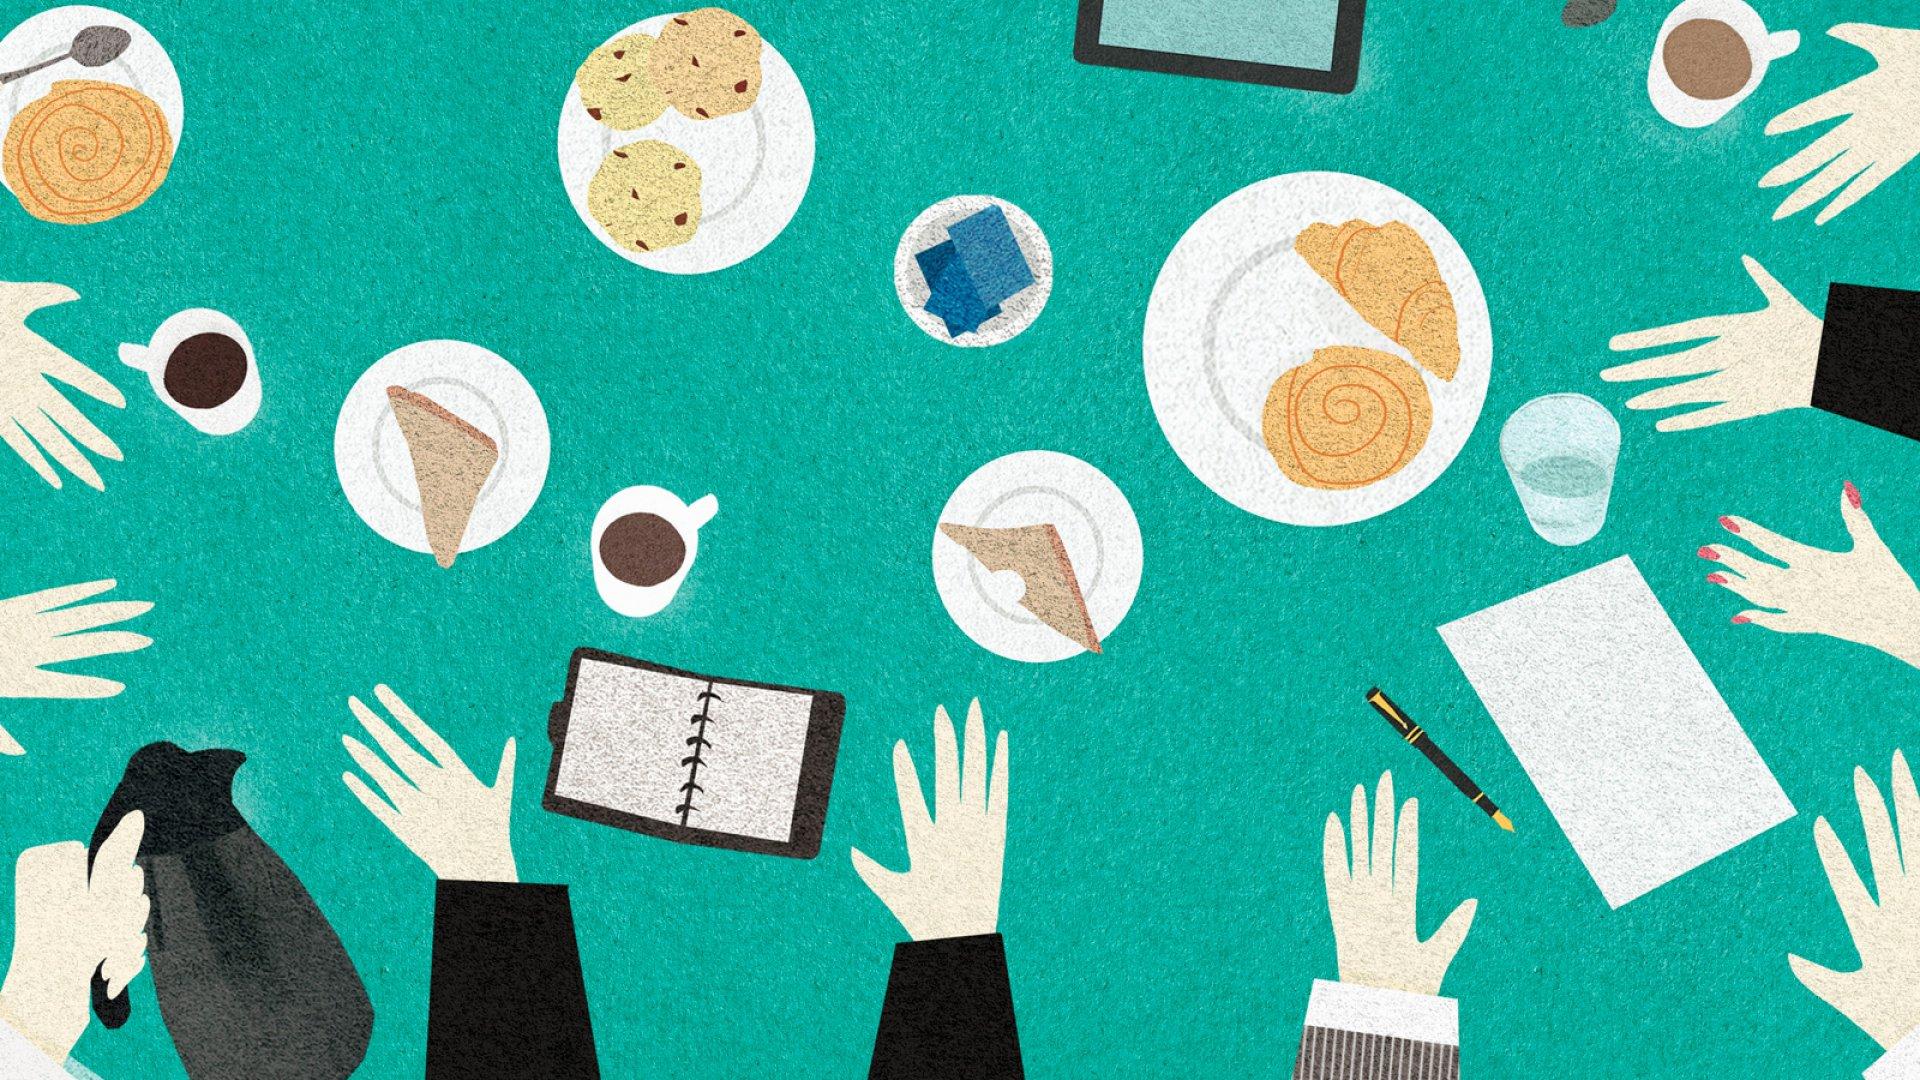 How to Avoid Soul-Crushing Meetings